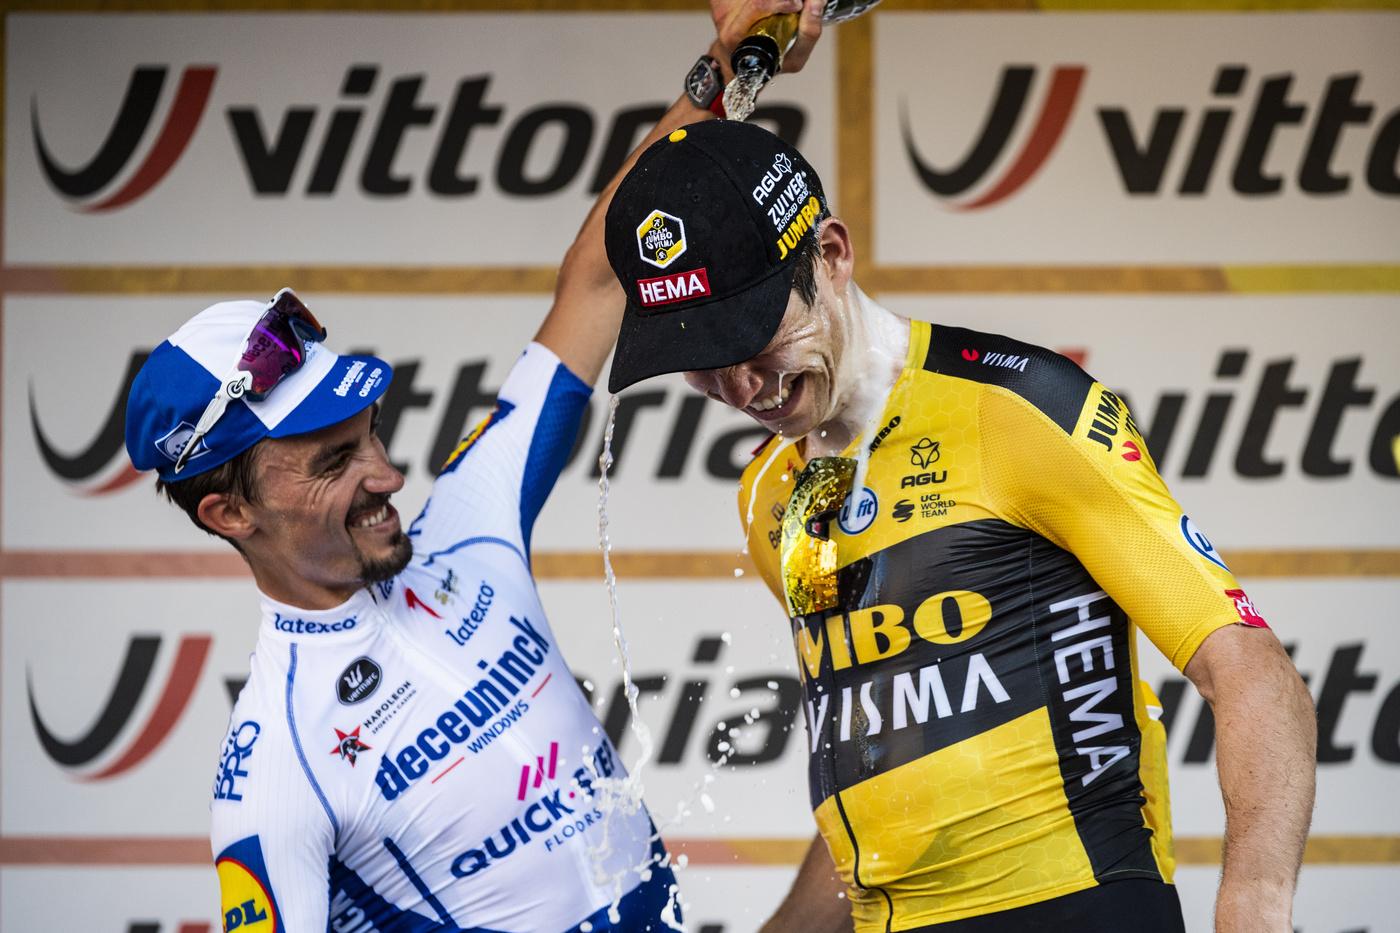 pronostici-favoriti-amstel-gold-race-2021-analisi-del-percorso-quote-ciclismo